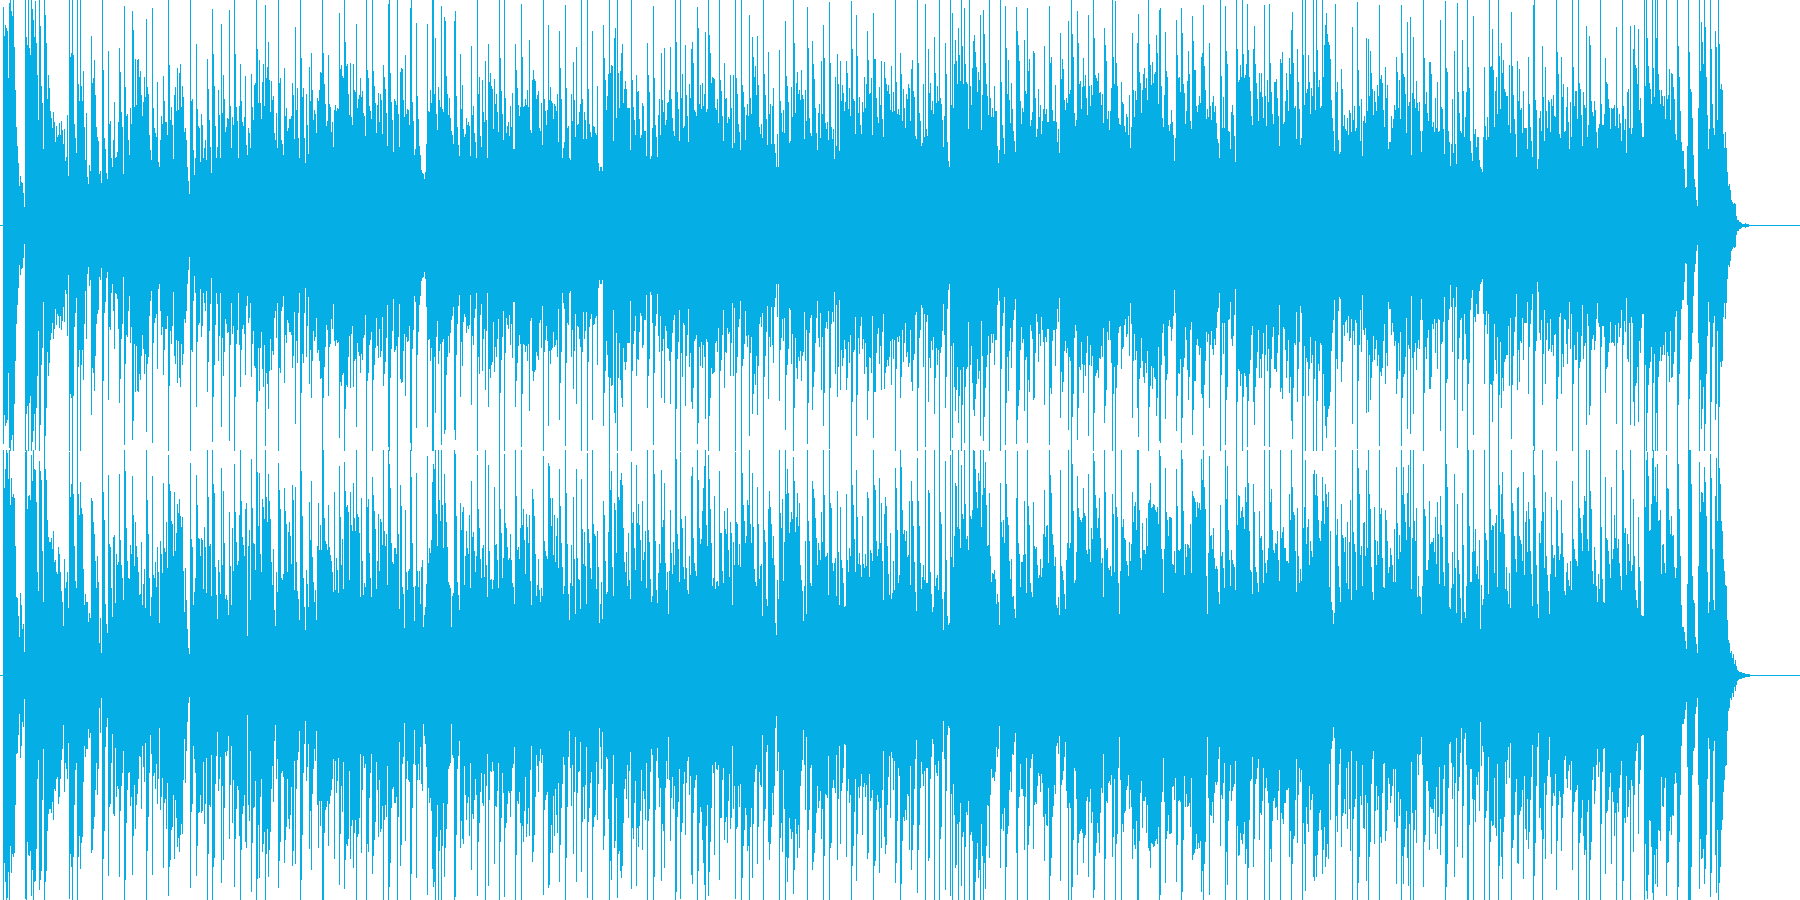 ゆったりとした大人なソウルミュージックの再生済みの波形